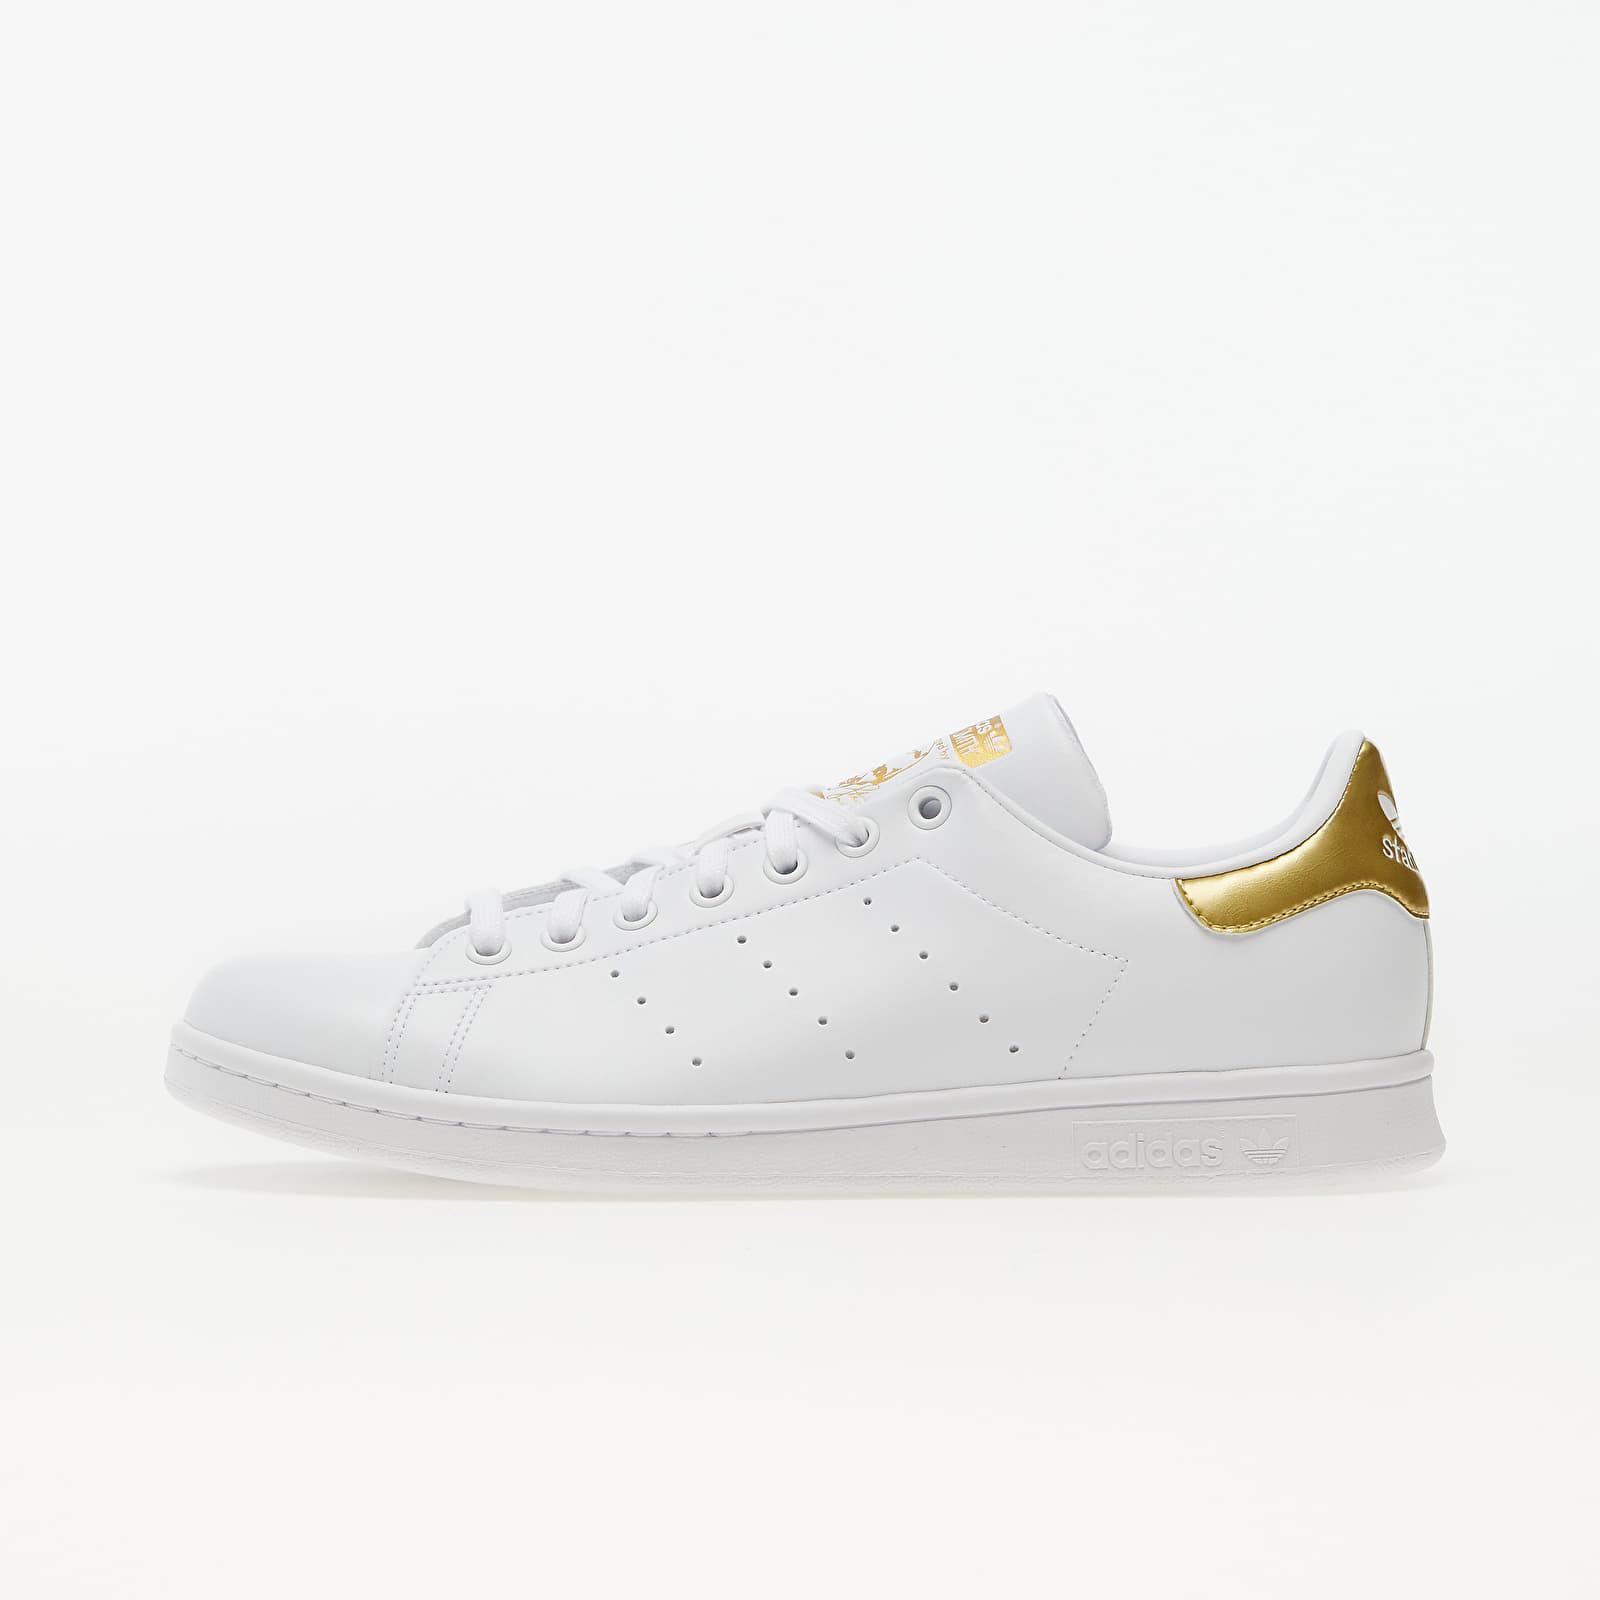 adidas Stan Smith W Ftwr White/ Ftwr White/ Gold Met. EUR 36 2/3